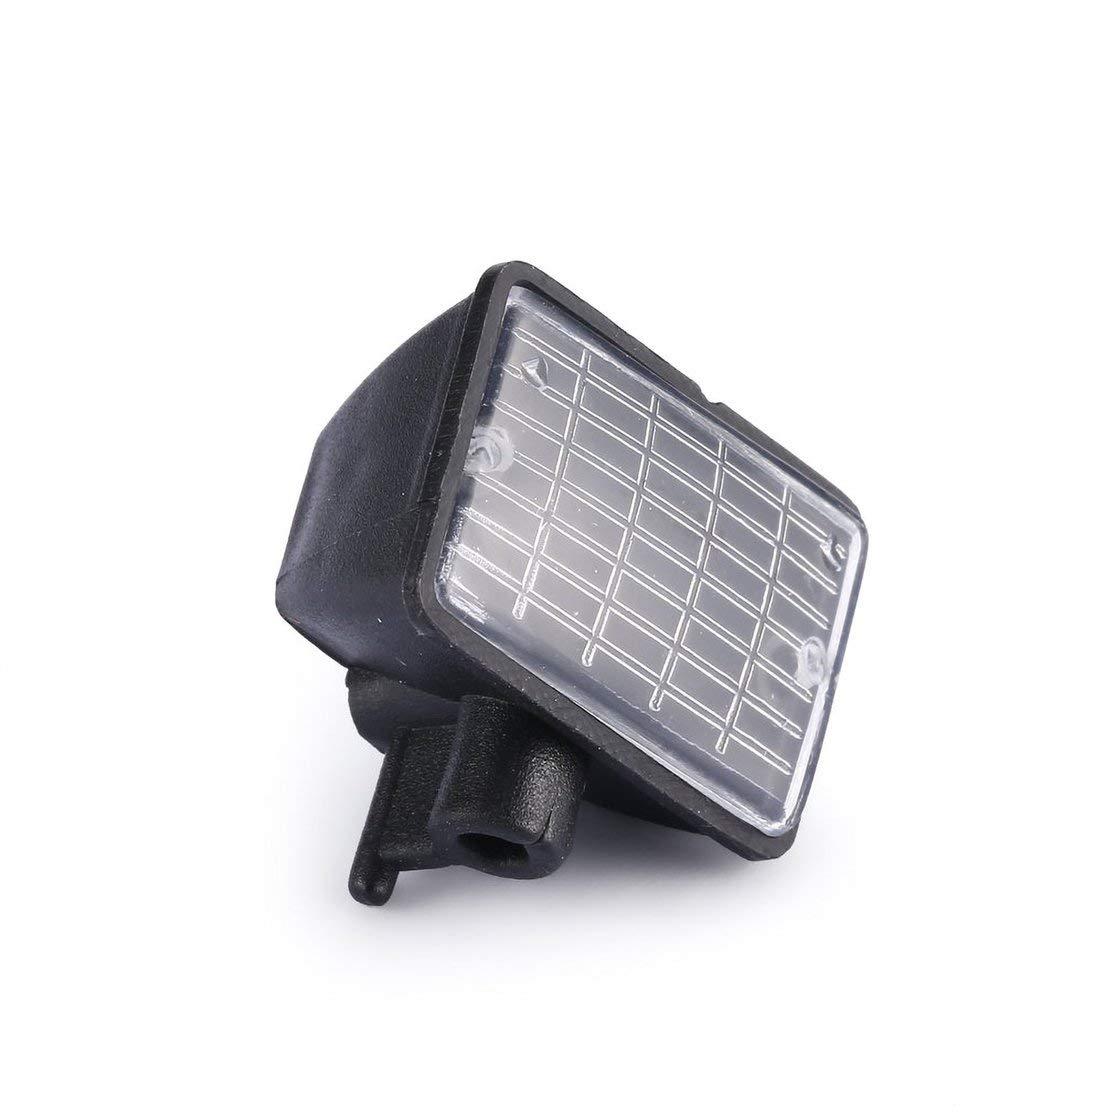 LouiseEvel215 Abat-Jour de Lampe de Lampe de Lampe de Lampe de Lampe de Tour de Voiture descalade de Lampe l/ég/ère Ronde pour Le TRX-4 SCX10 D90 5mm LED